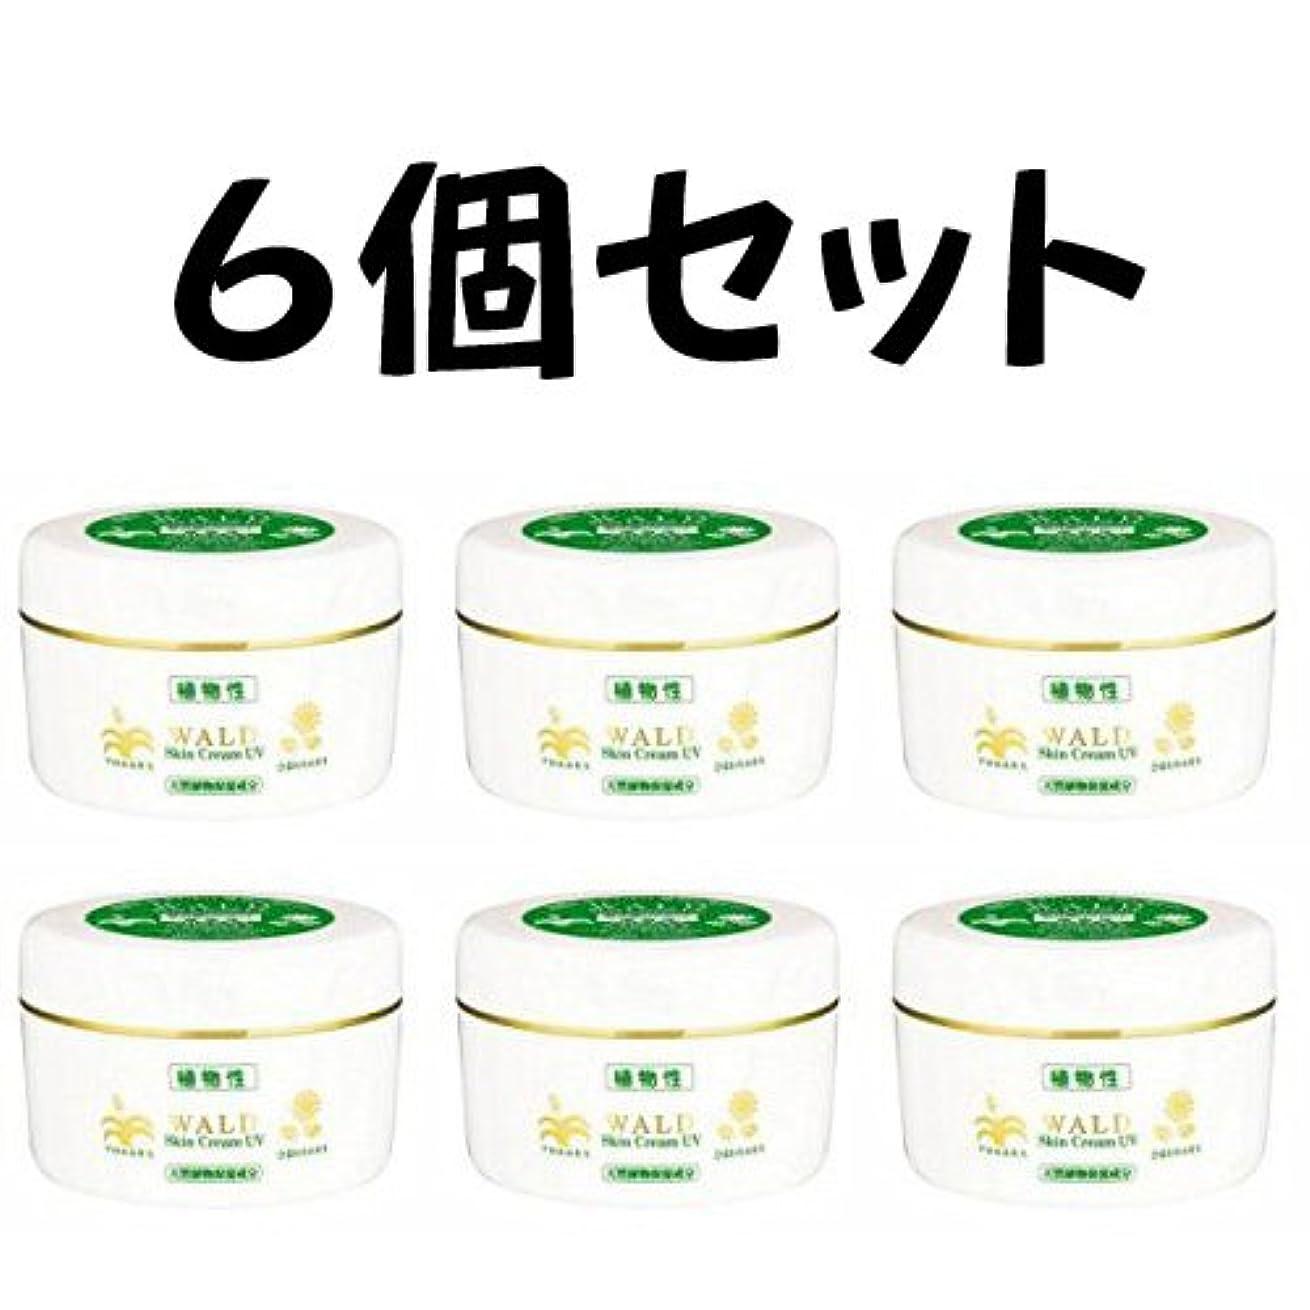 プランテーションフォアマンスタイル新 ヴァルトスキンクリーム UV (WALD Skin Cream UV) 220g (6)